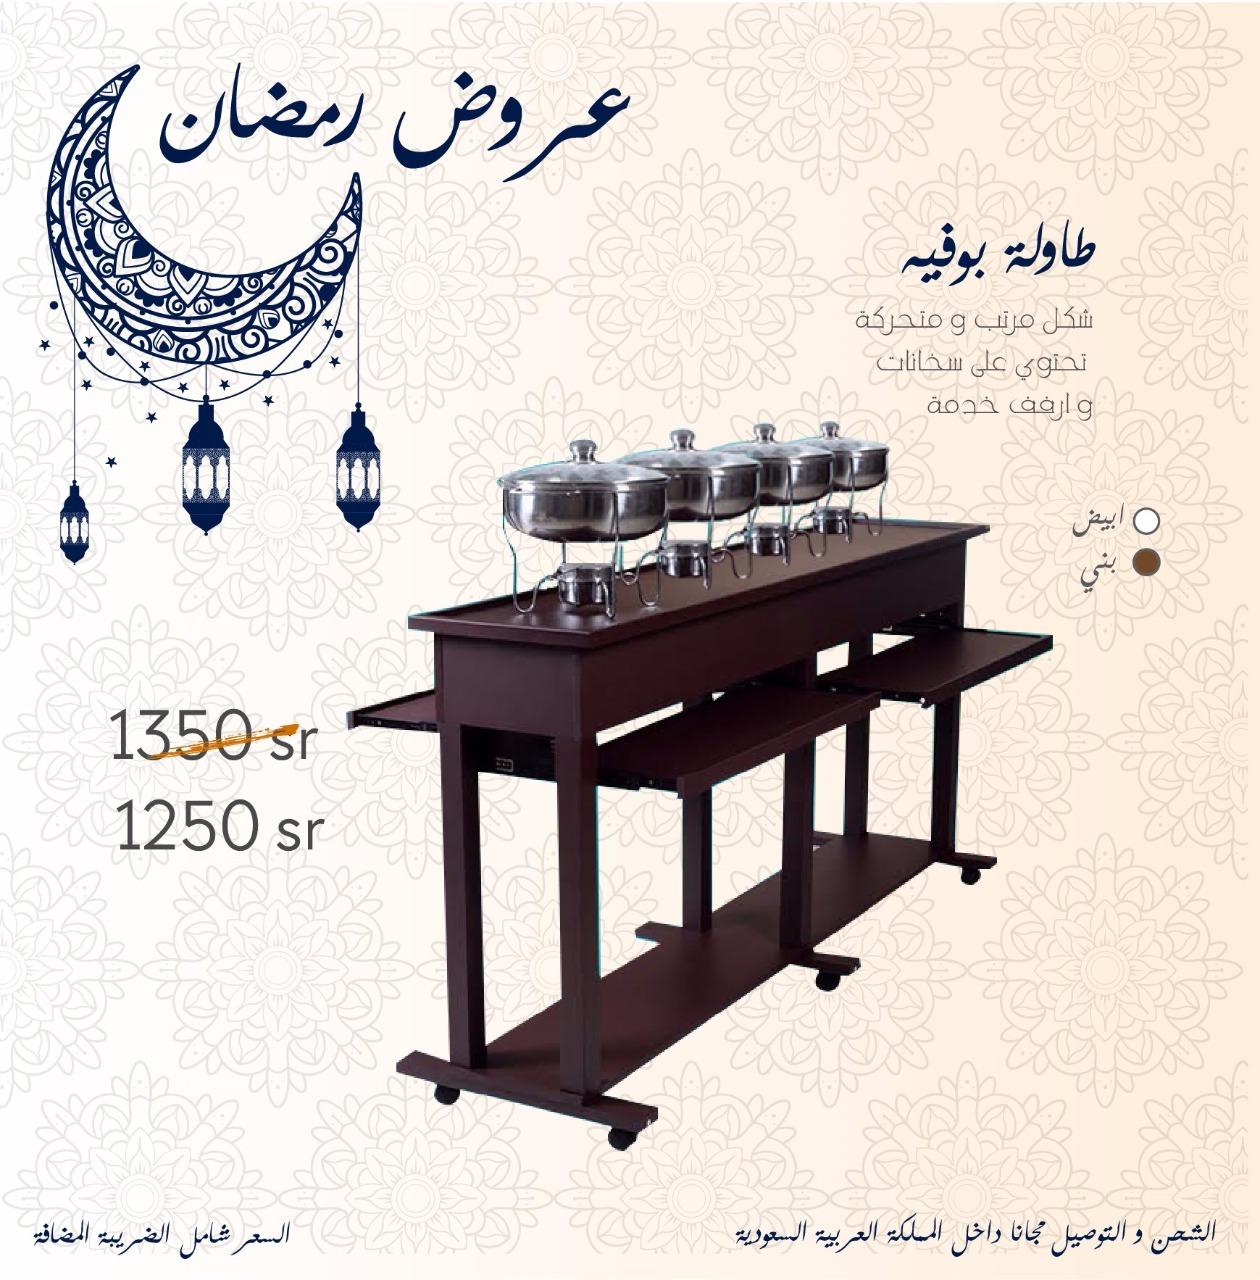 البوفيه المنزليه العصريه تخفيض رمضان 152607693231.jpg